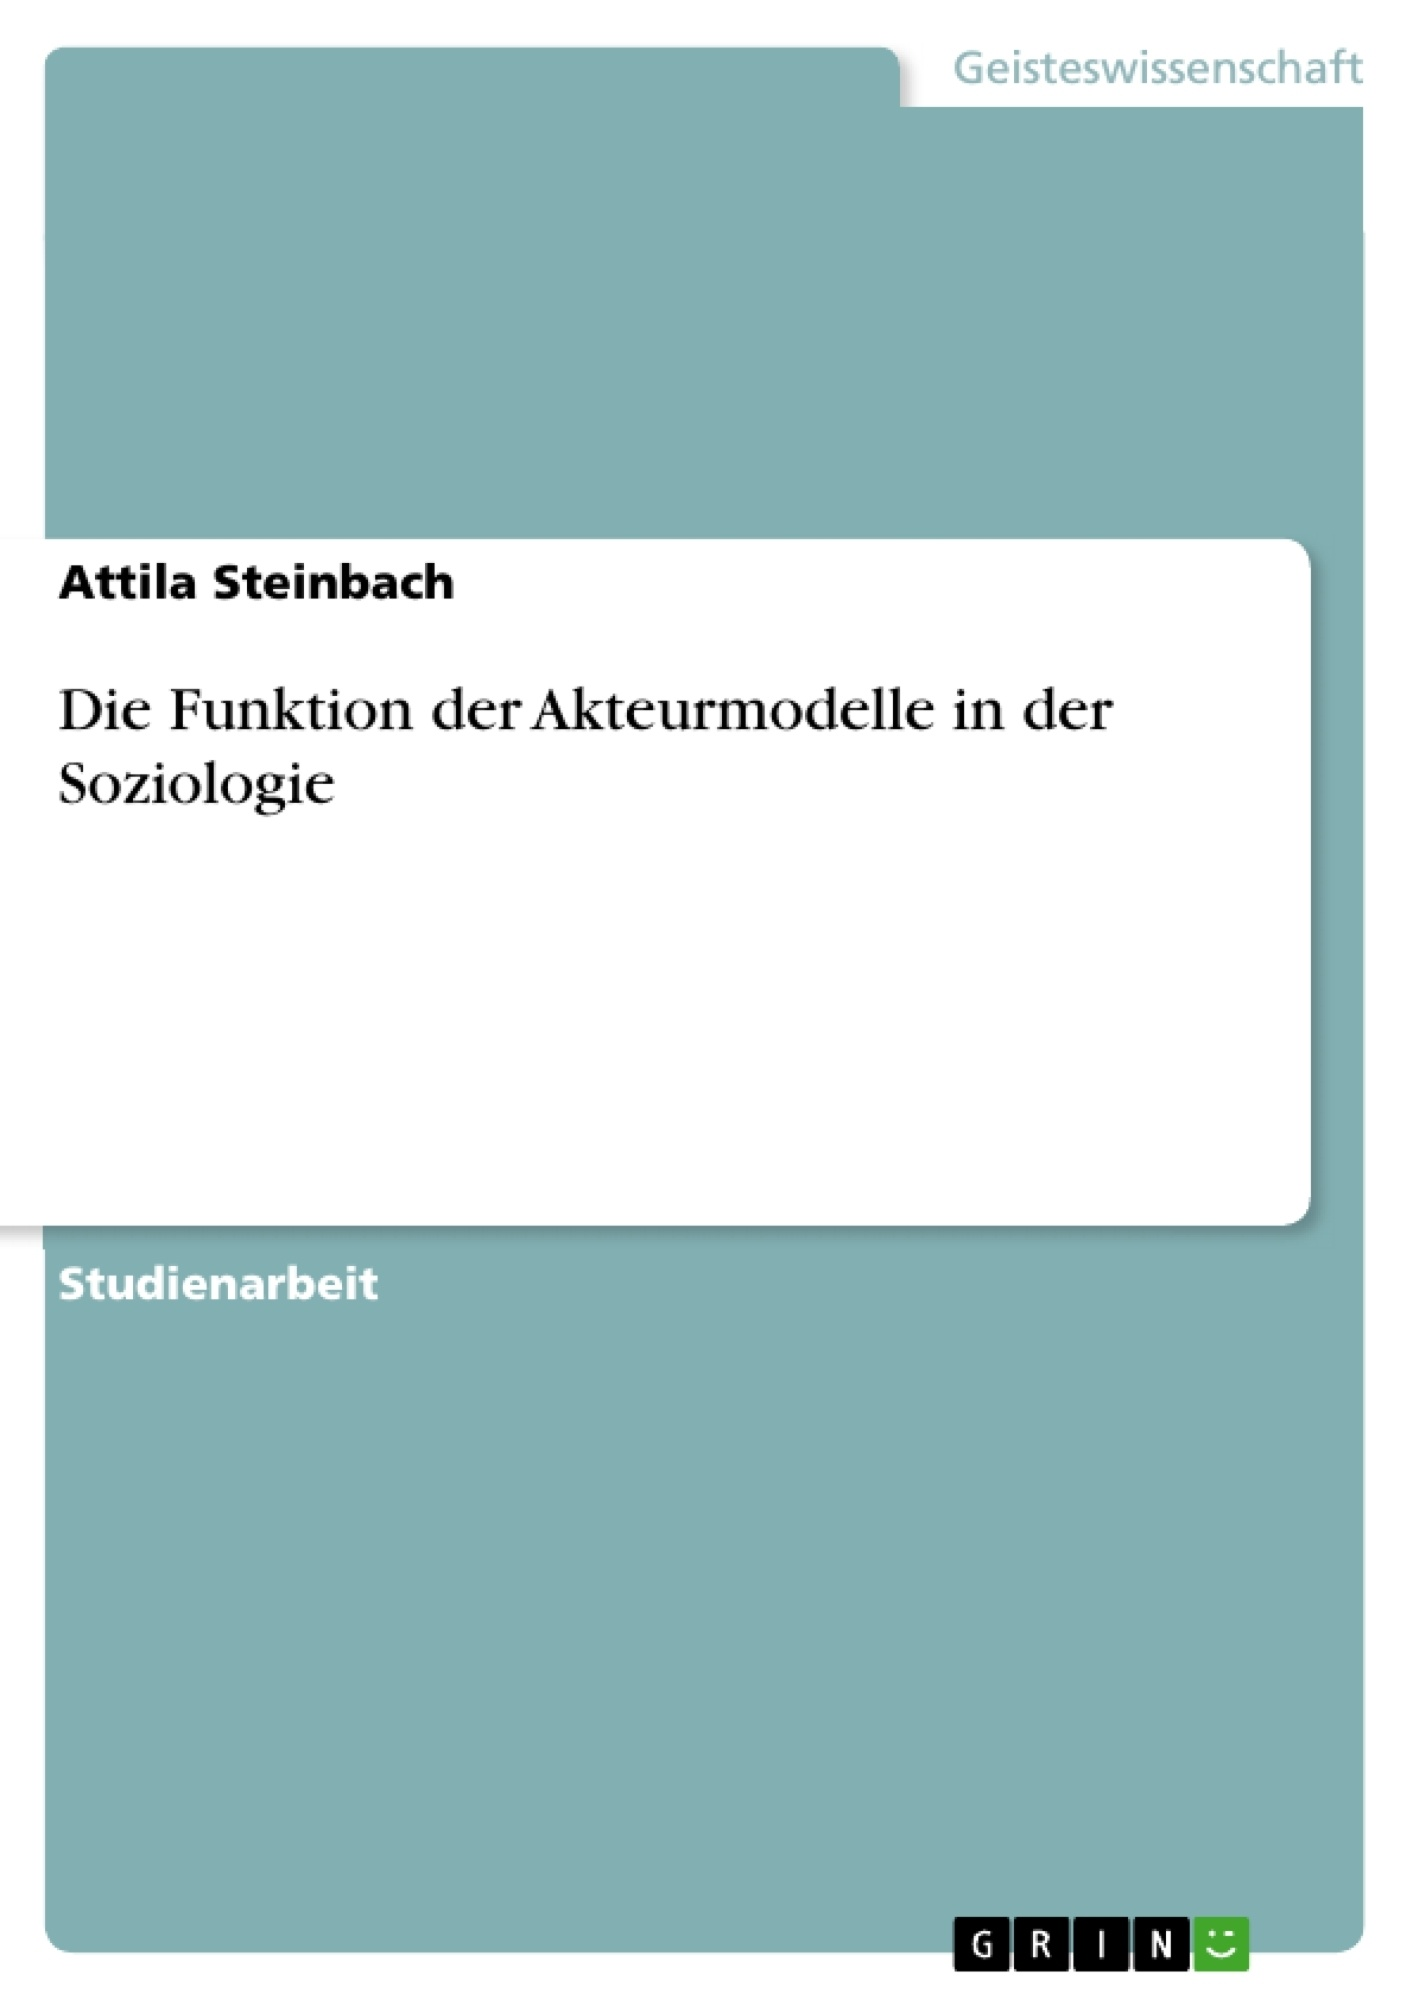 Titel: Die Funktion der Akteurmodelle in der Soziologie